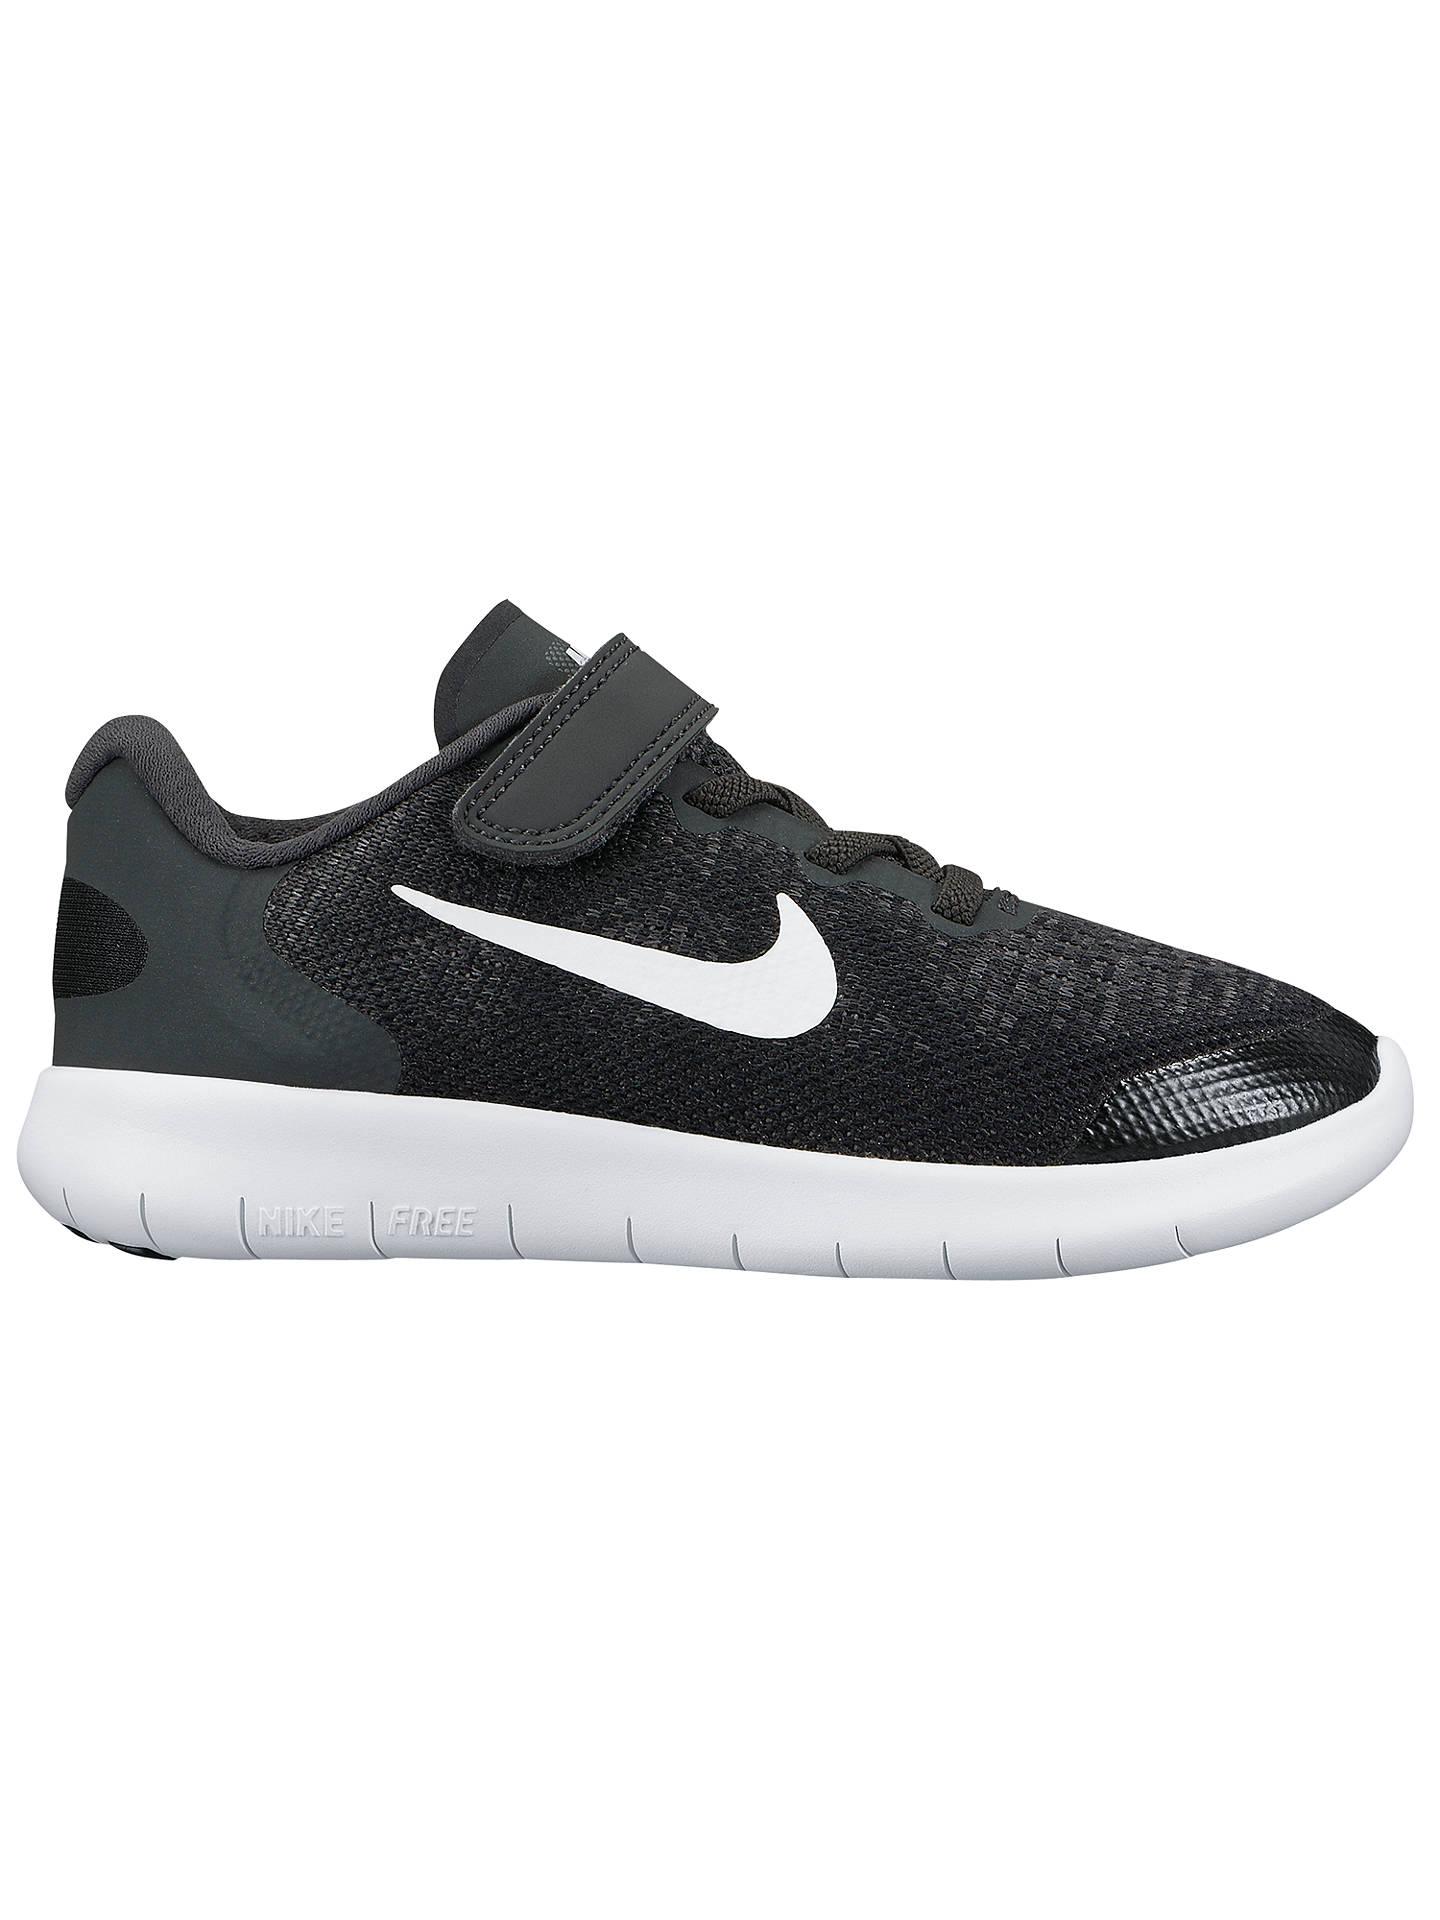 8fd42e6fa707 Buy Nike Children s Free Run 2 PS Riptape Trainers